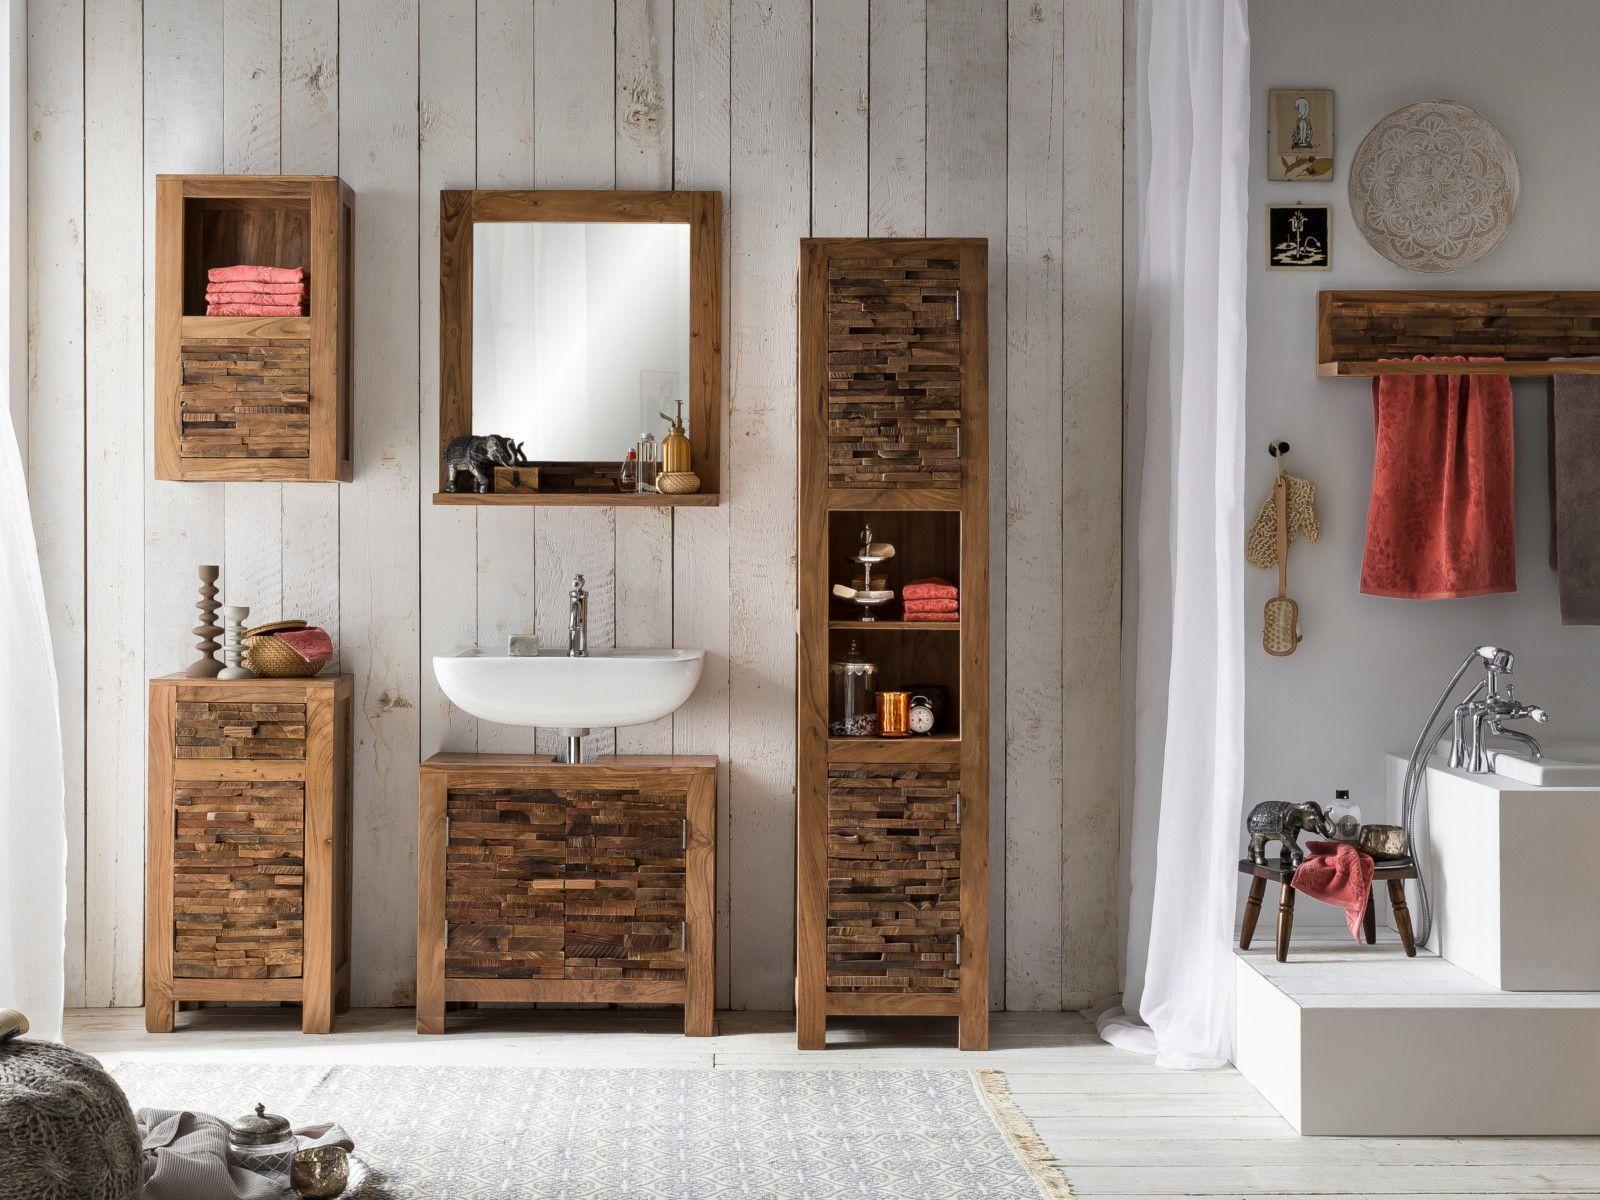 Badmobel Aus Recycelten Holzern In 2020 Neues Badezimmer Waschbeckenunterschrank Badezimmer Inspiration